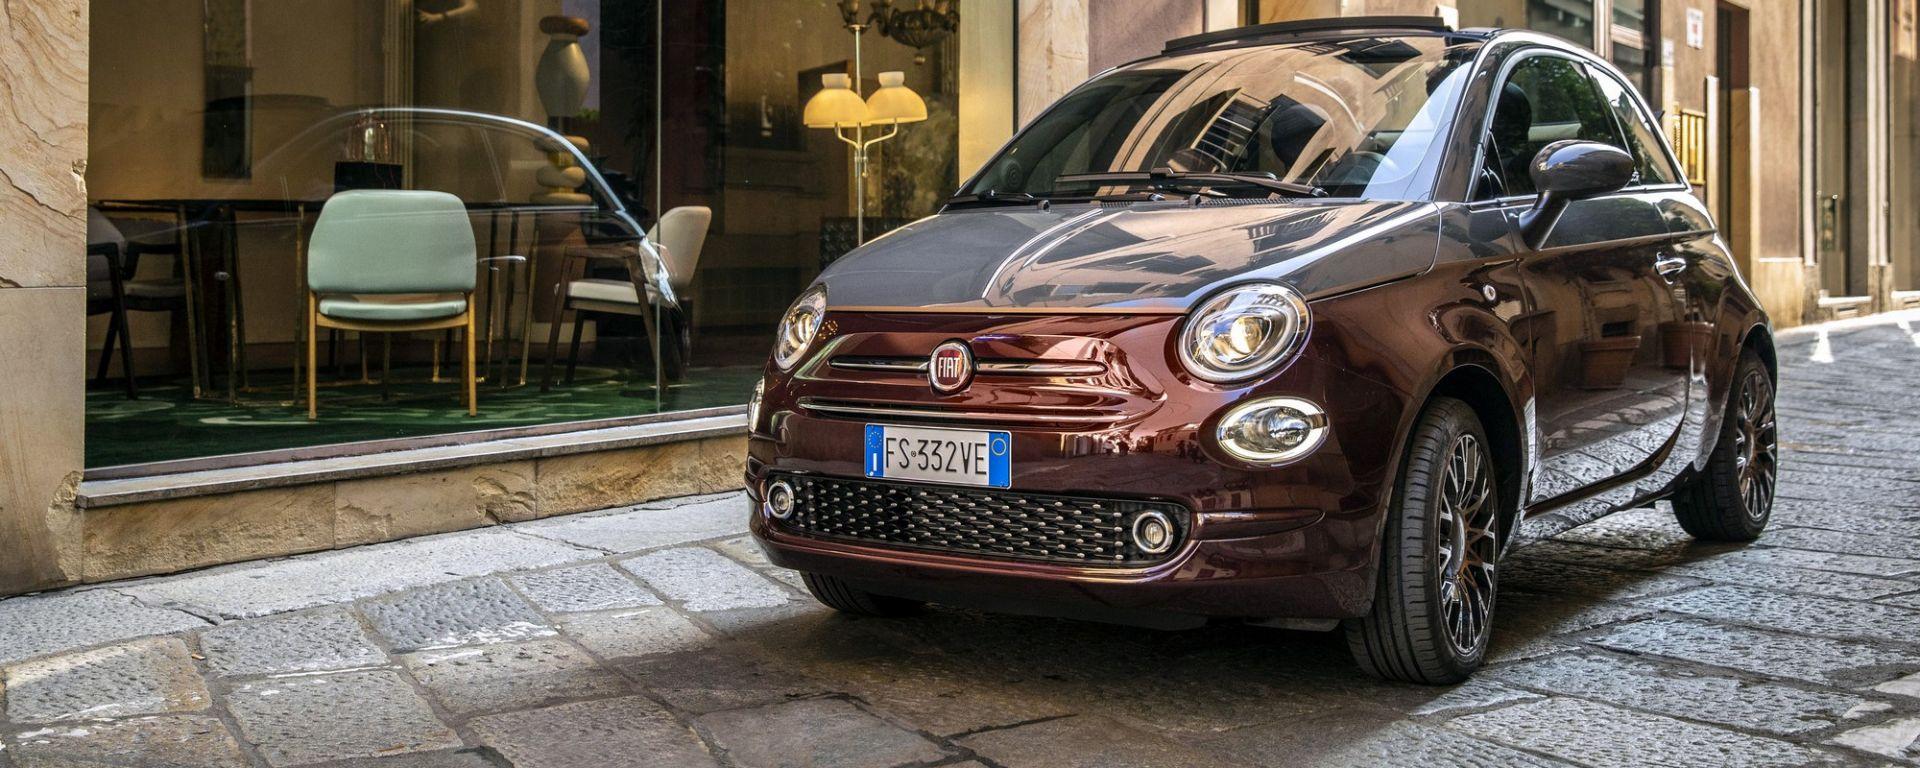 Fiat 500: è record di vendite in Europa nel 2018